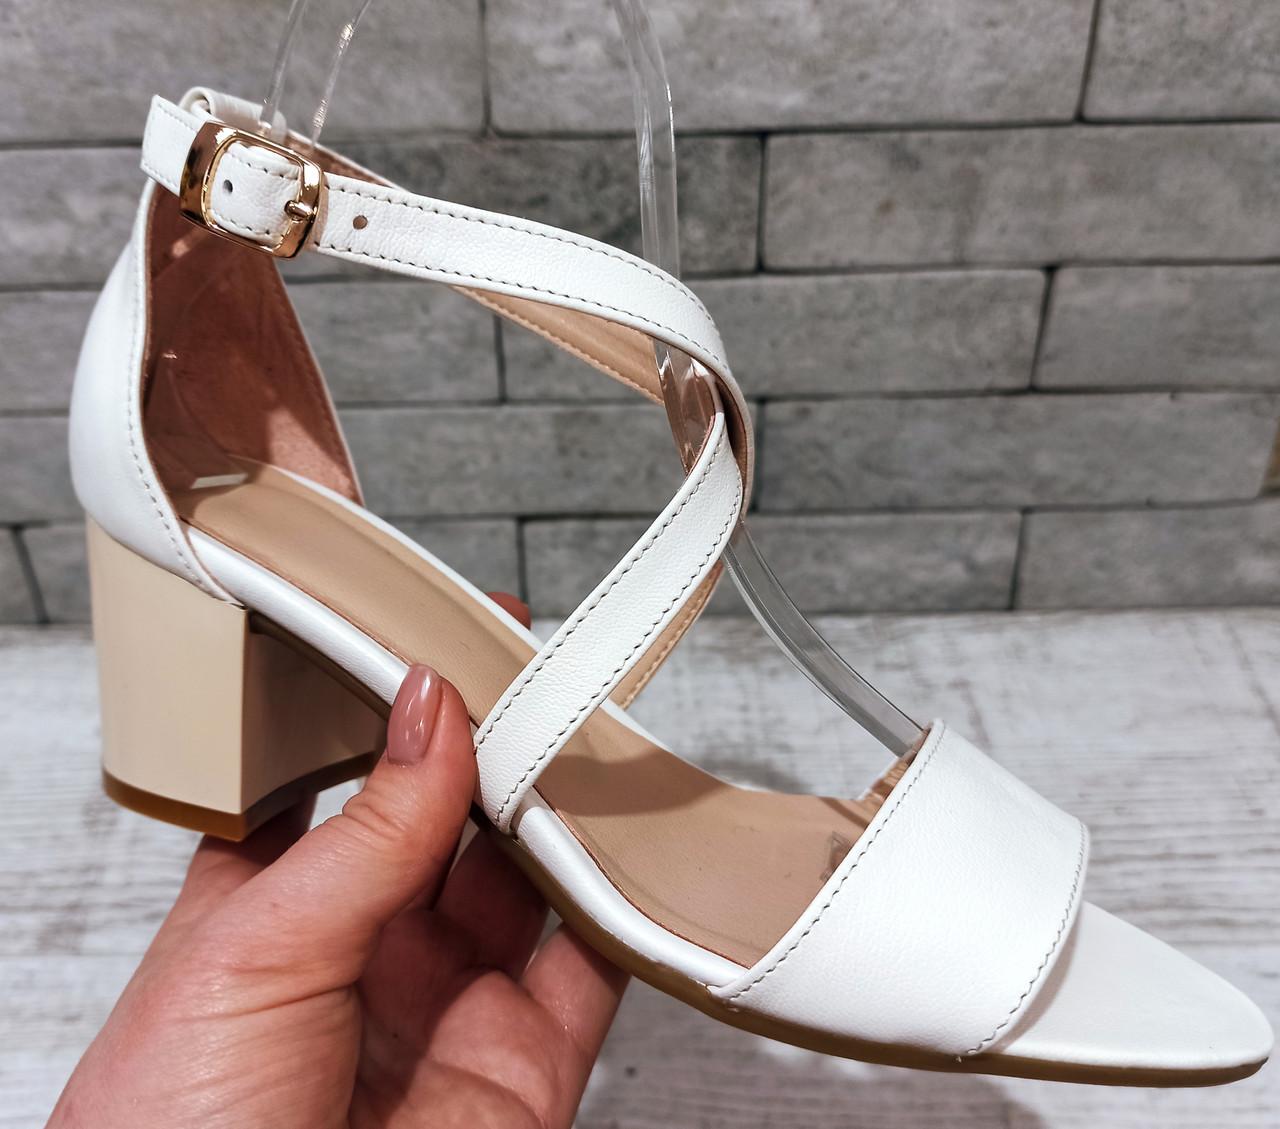 Жіночі шкіряні балетки туфлі, босоніжки, сандалі шльопанці сліпони TIFFANY